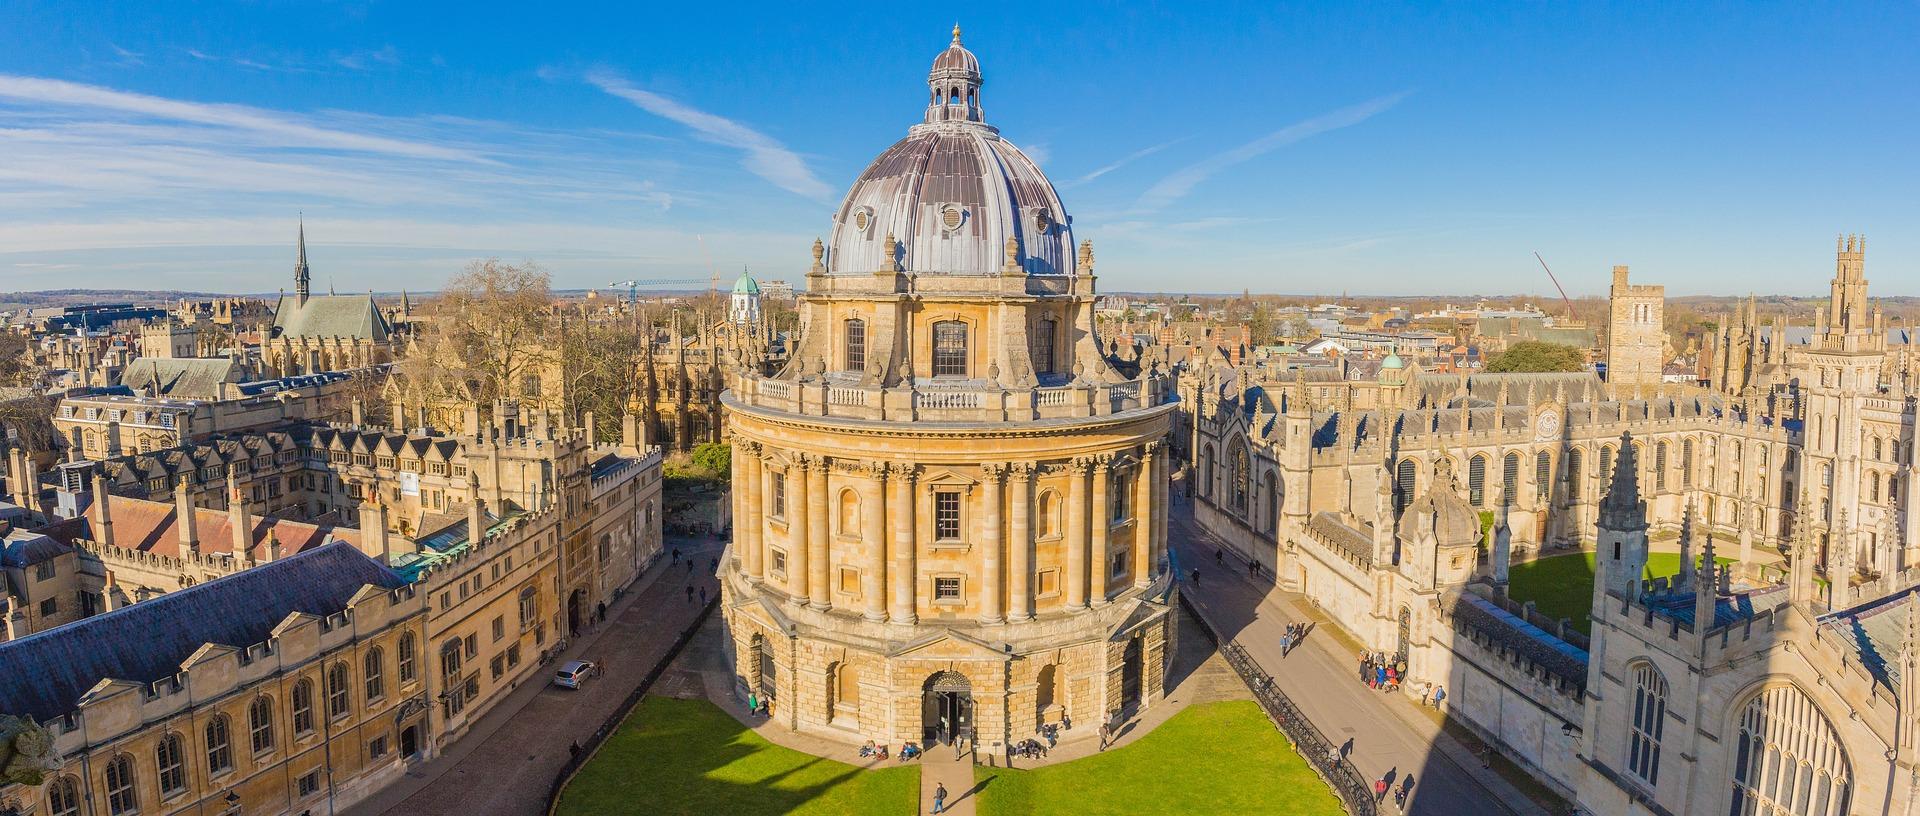 5 melhores universidades do Reino Unido 1